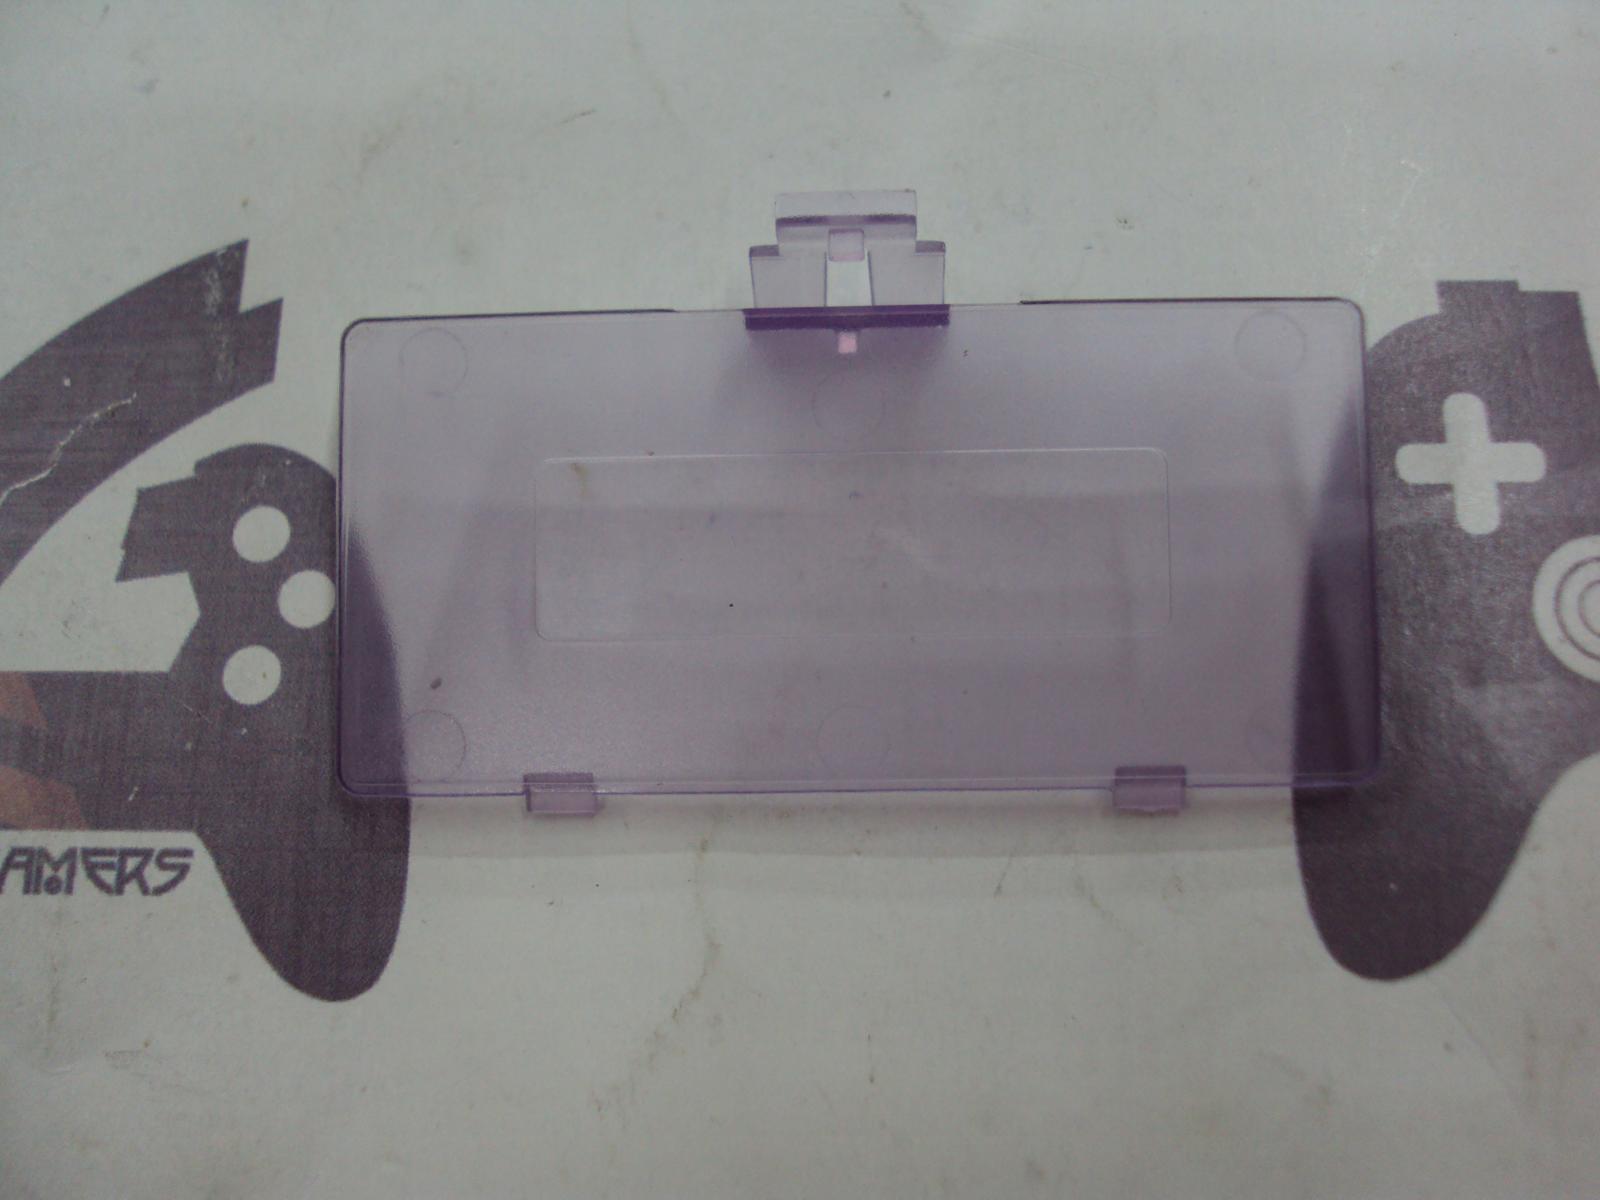 Tapa de pilas game boy pocket Clear Purple